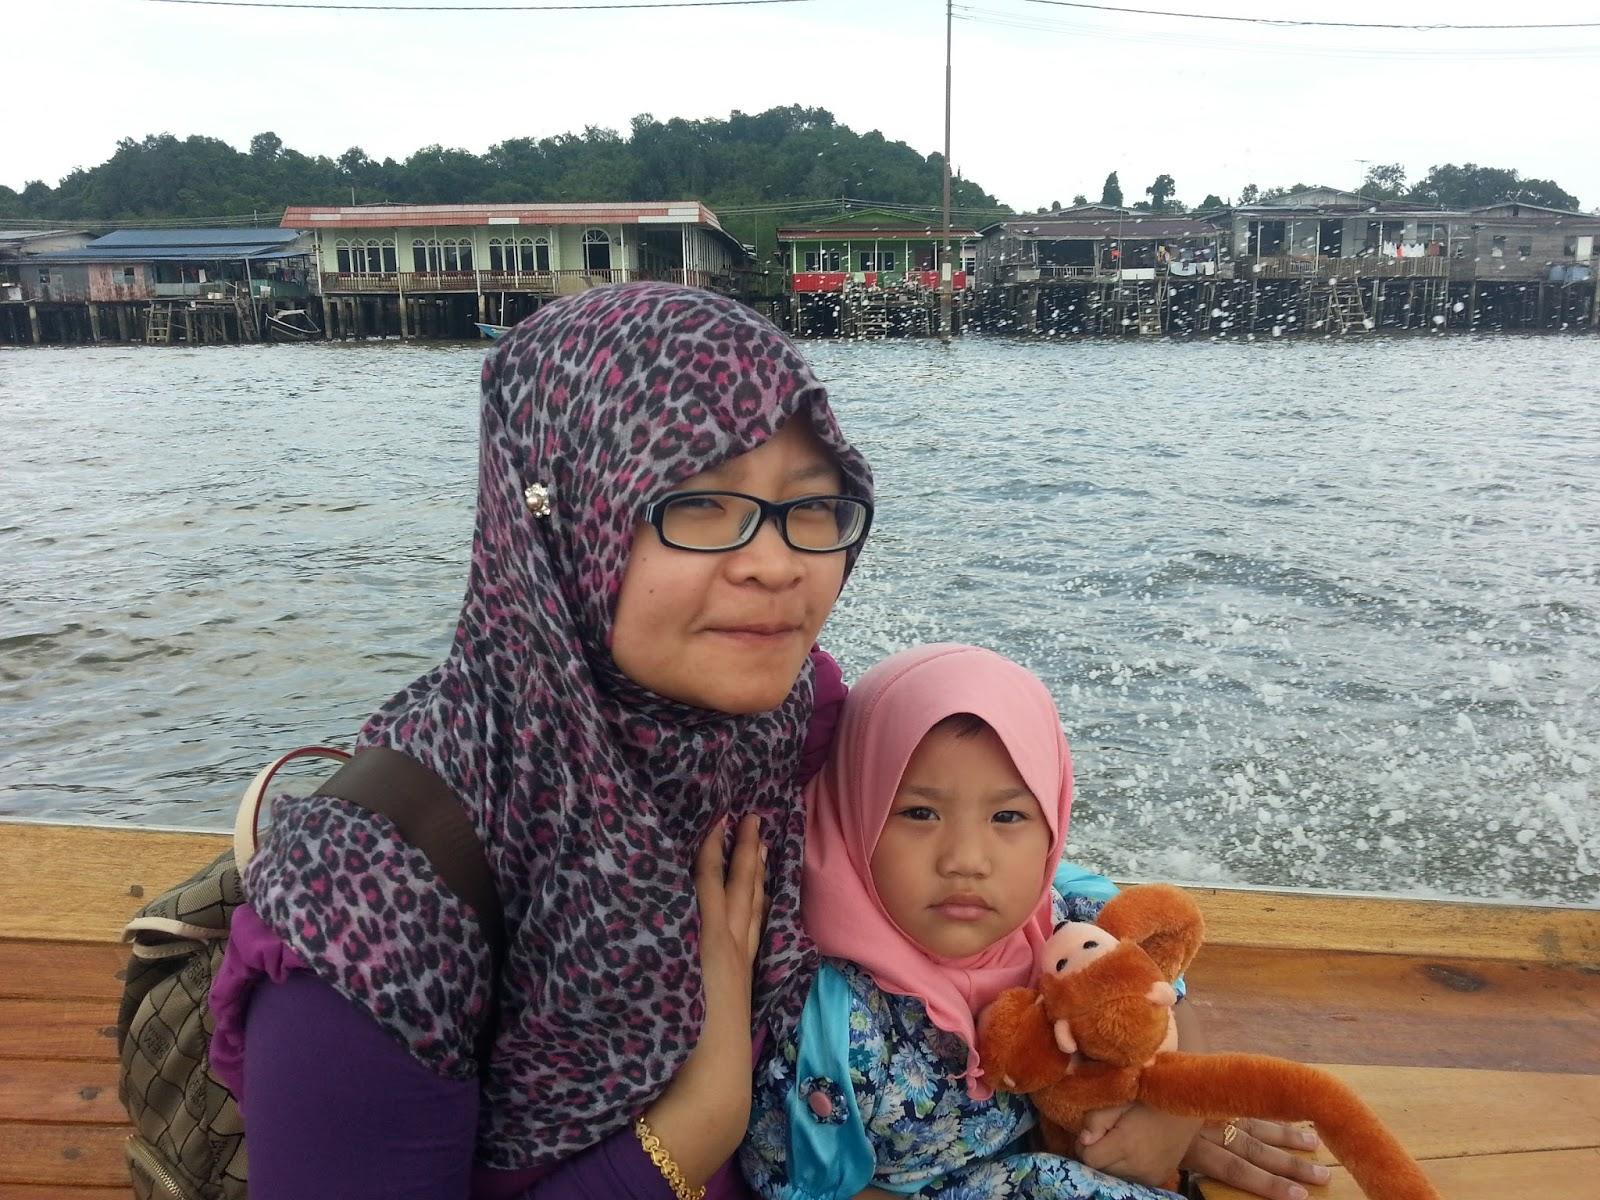 http://www.khairunnisahamdan.com/2015/03/trip-to-brunei-darussalam-kampong-ayer.html